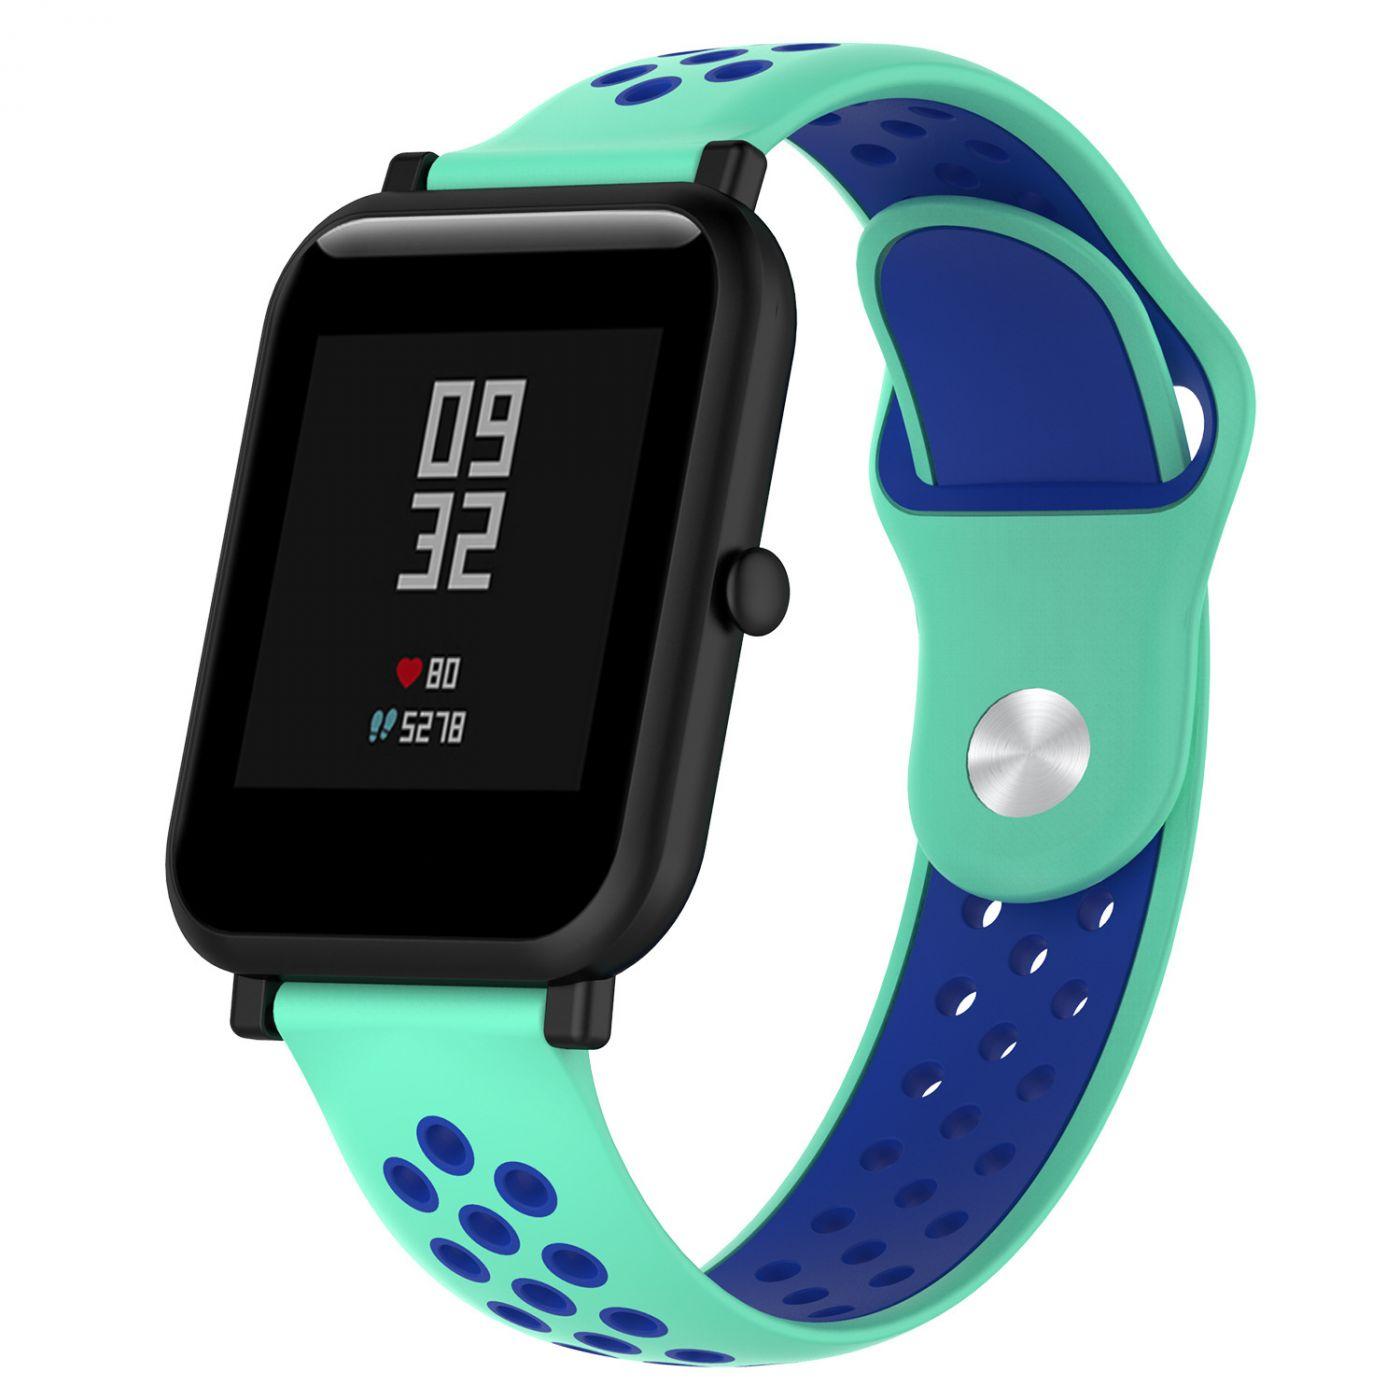 Сменный ремешок для Умных часов  Amazfit Bip Smartwatch (Зеленый - Синий)